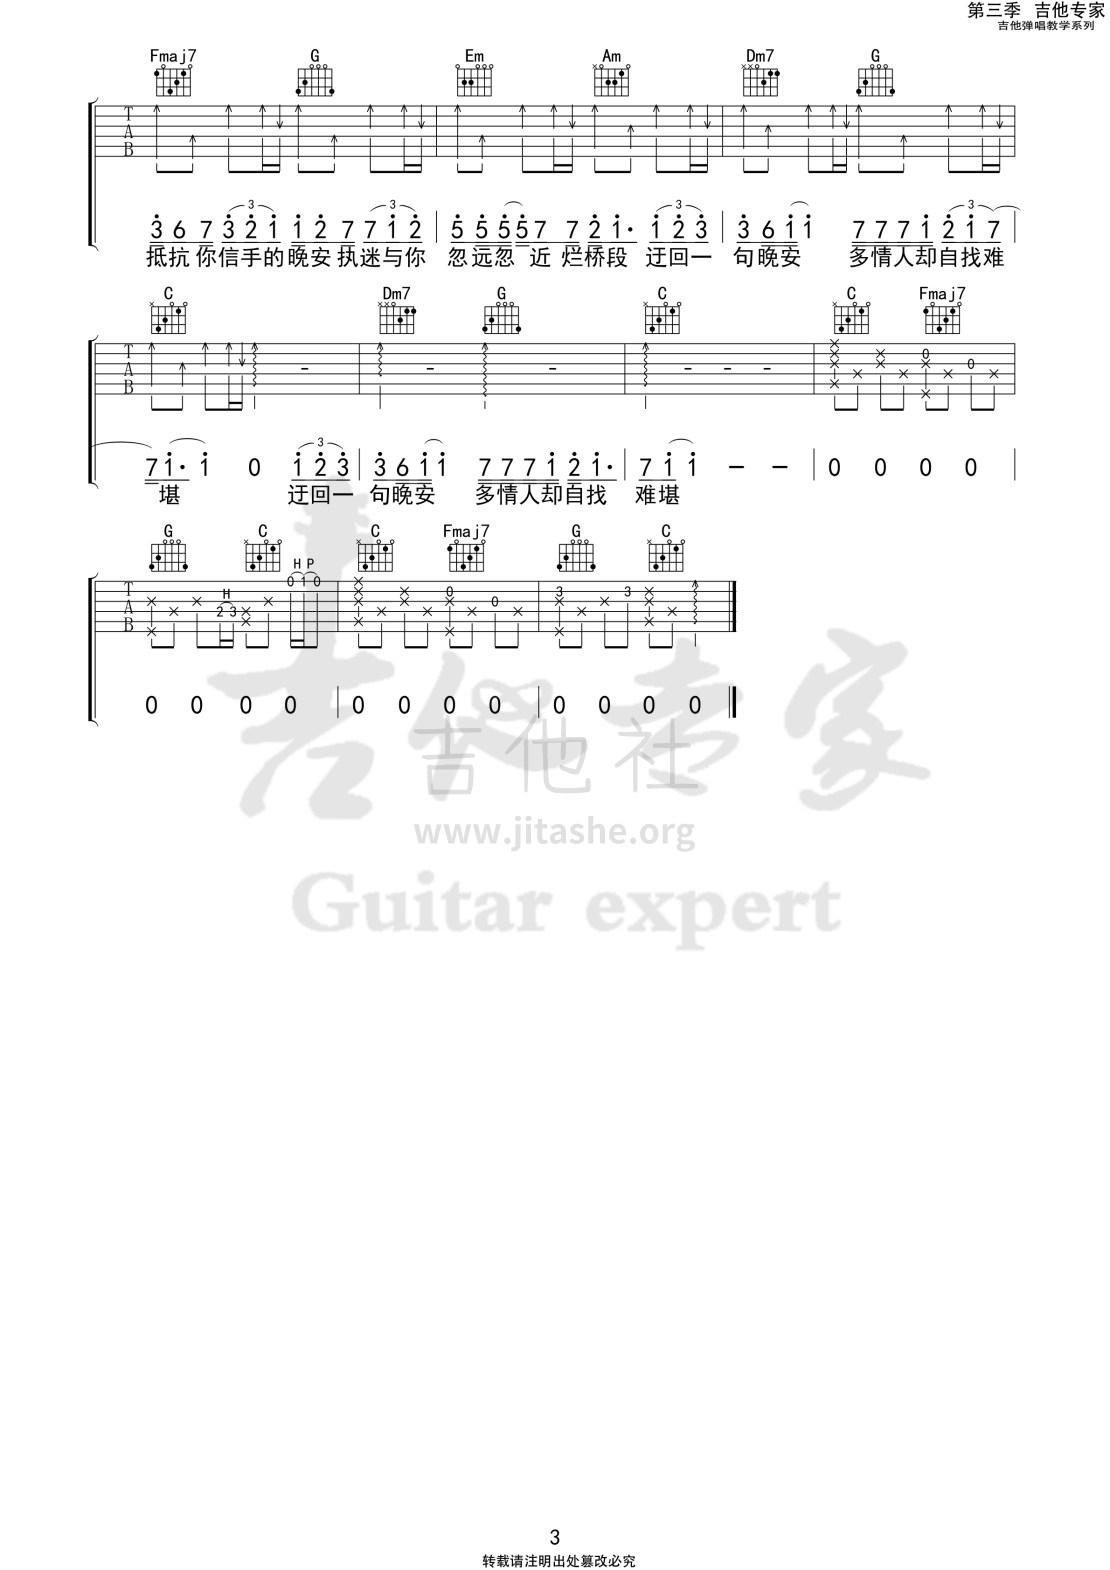 晚安 (吉他专家弹唱教学:第三季第71集)吉他谱(图片谱)_颜人中_晚安3 第三季第七十一集.jpg